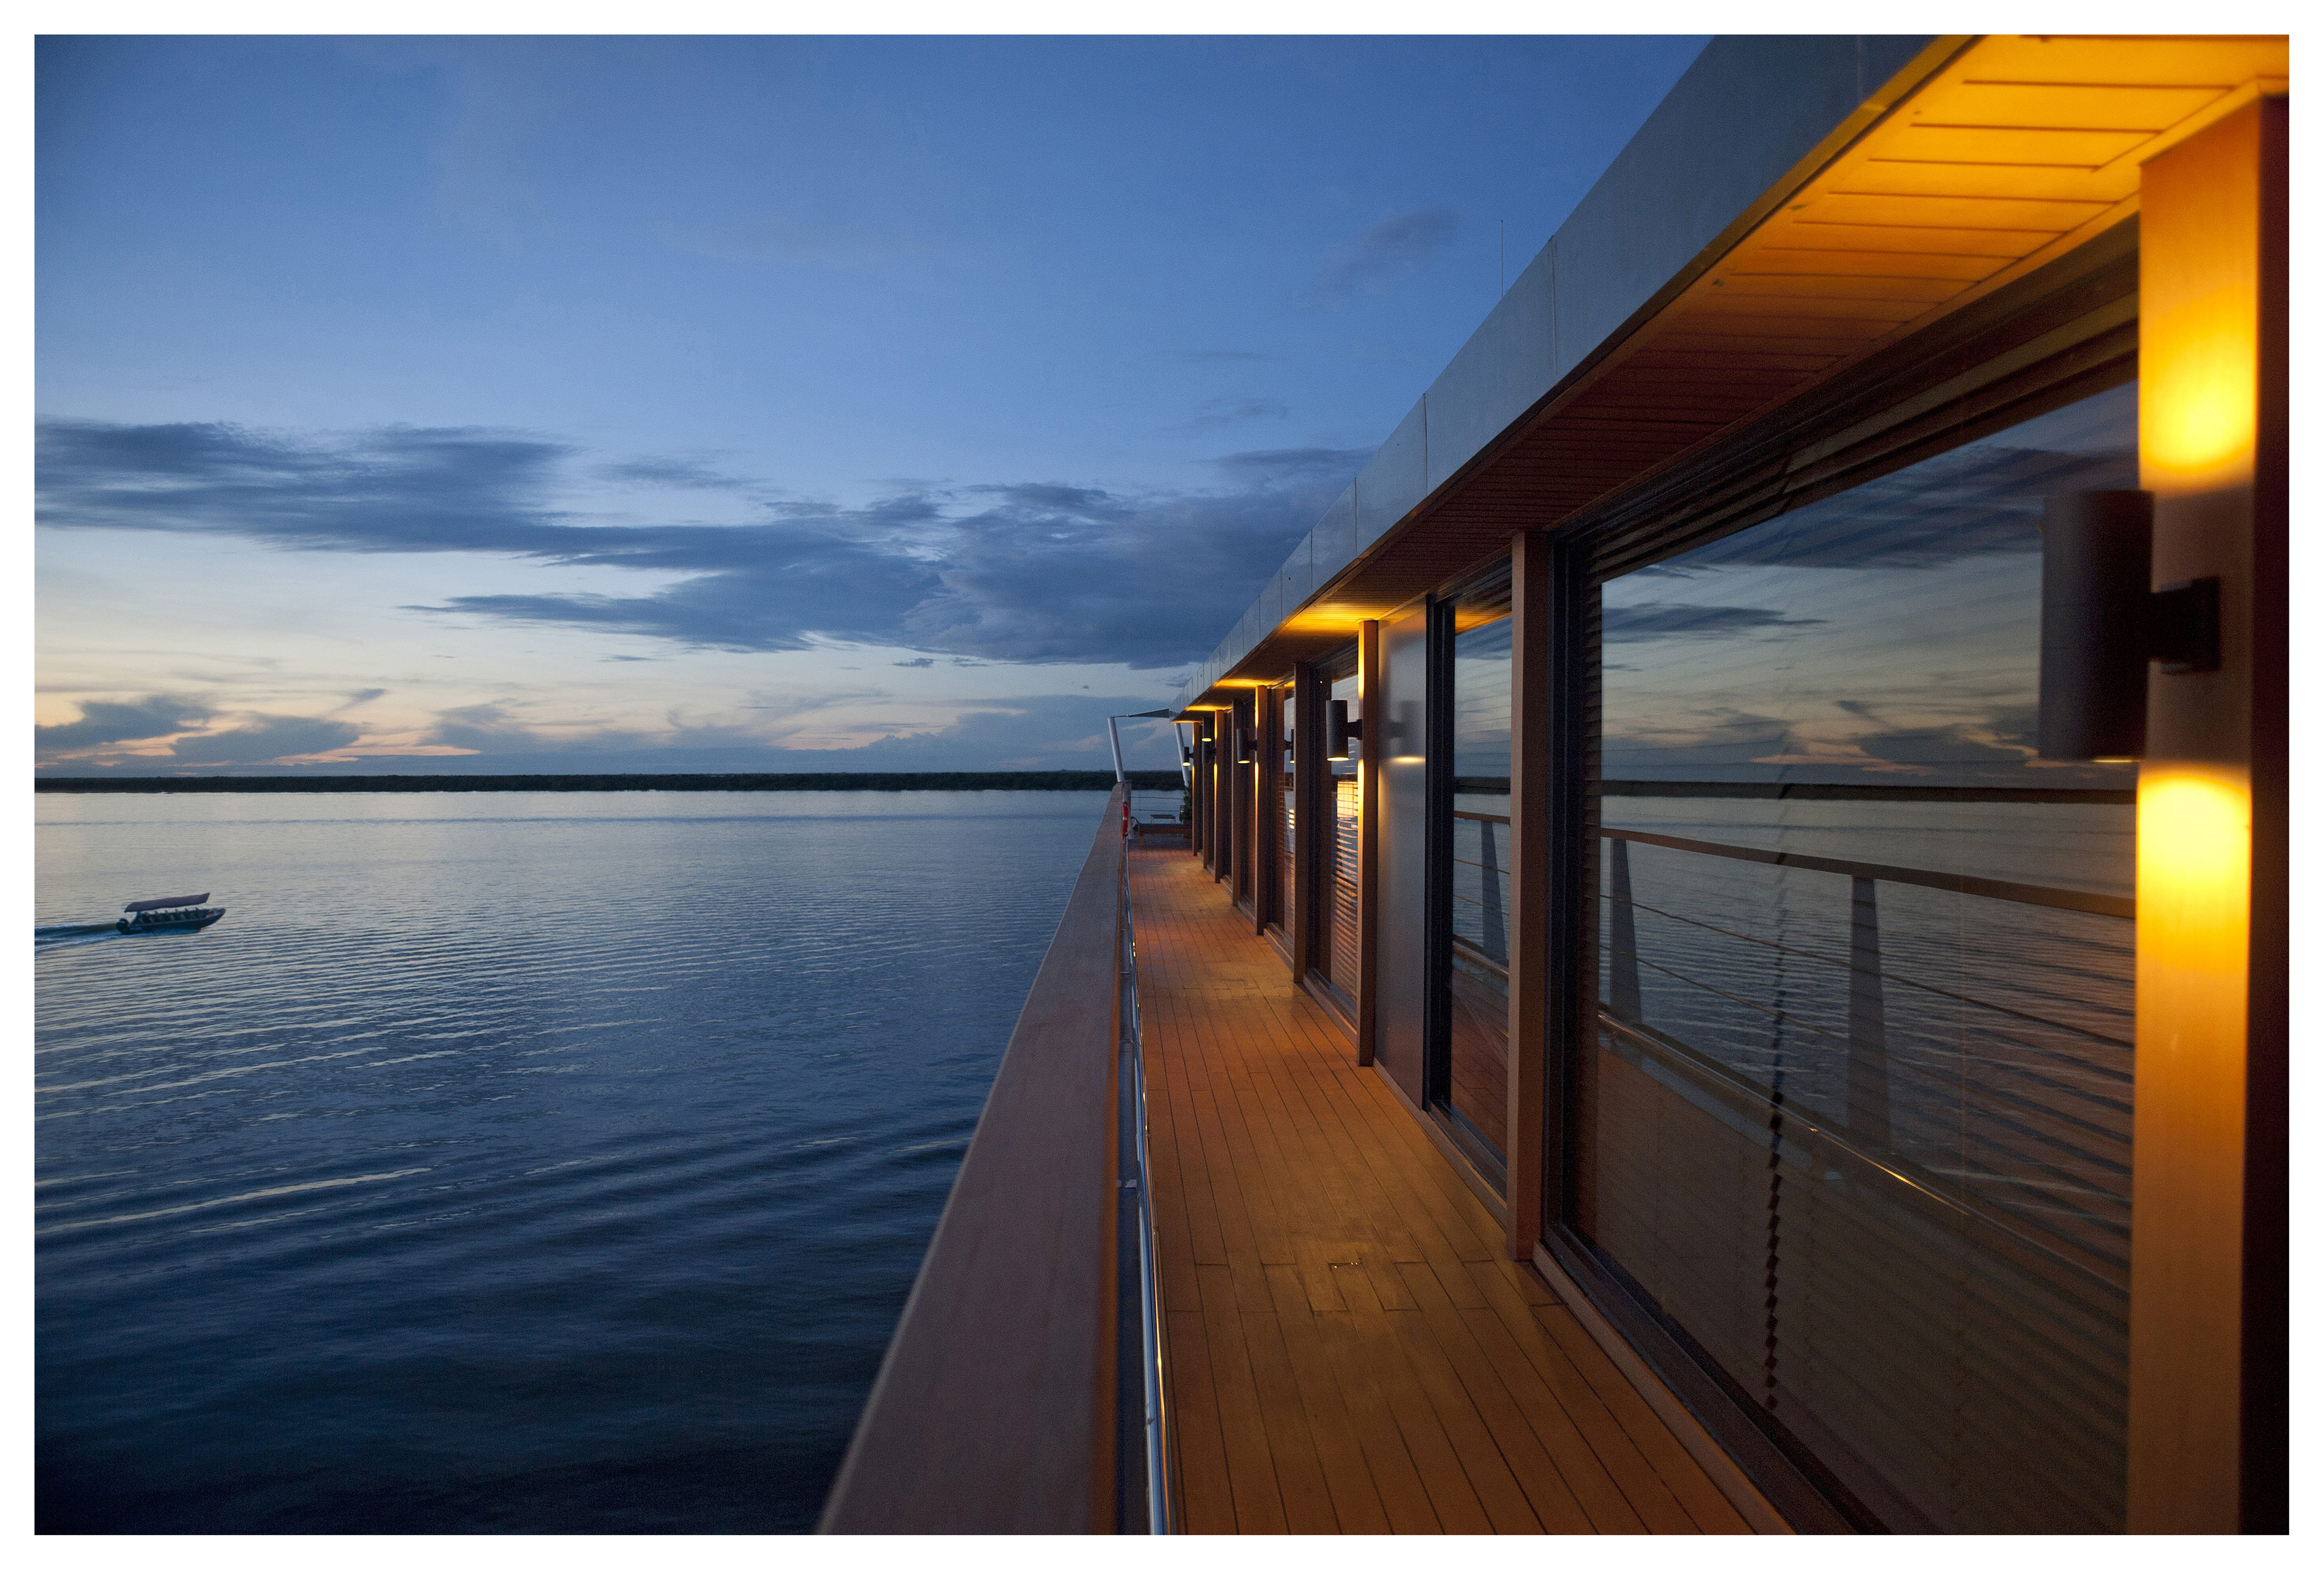 Aqua Mekong Observation Deck